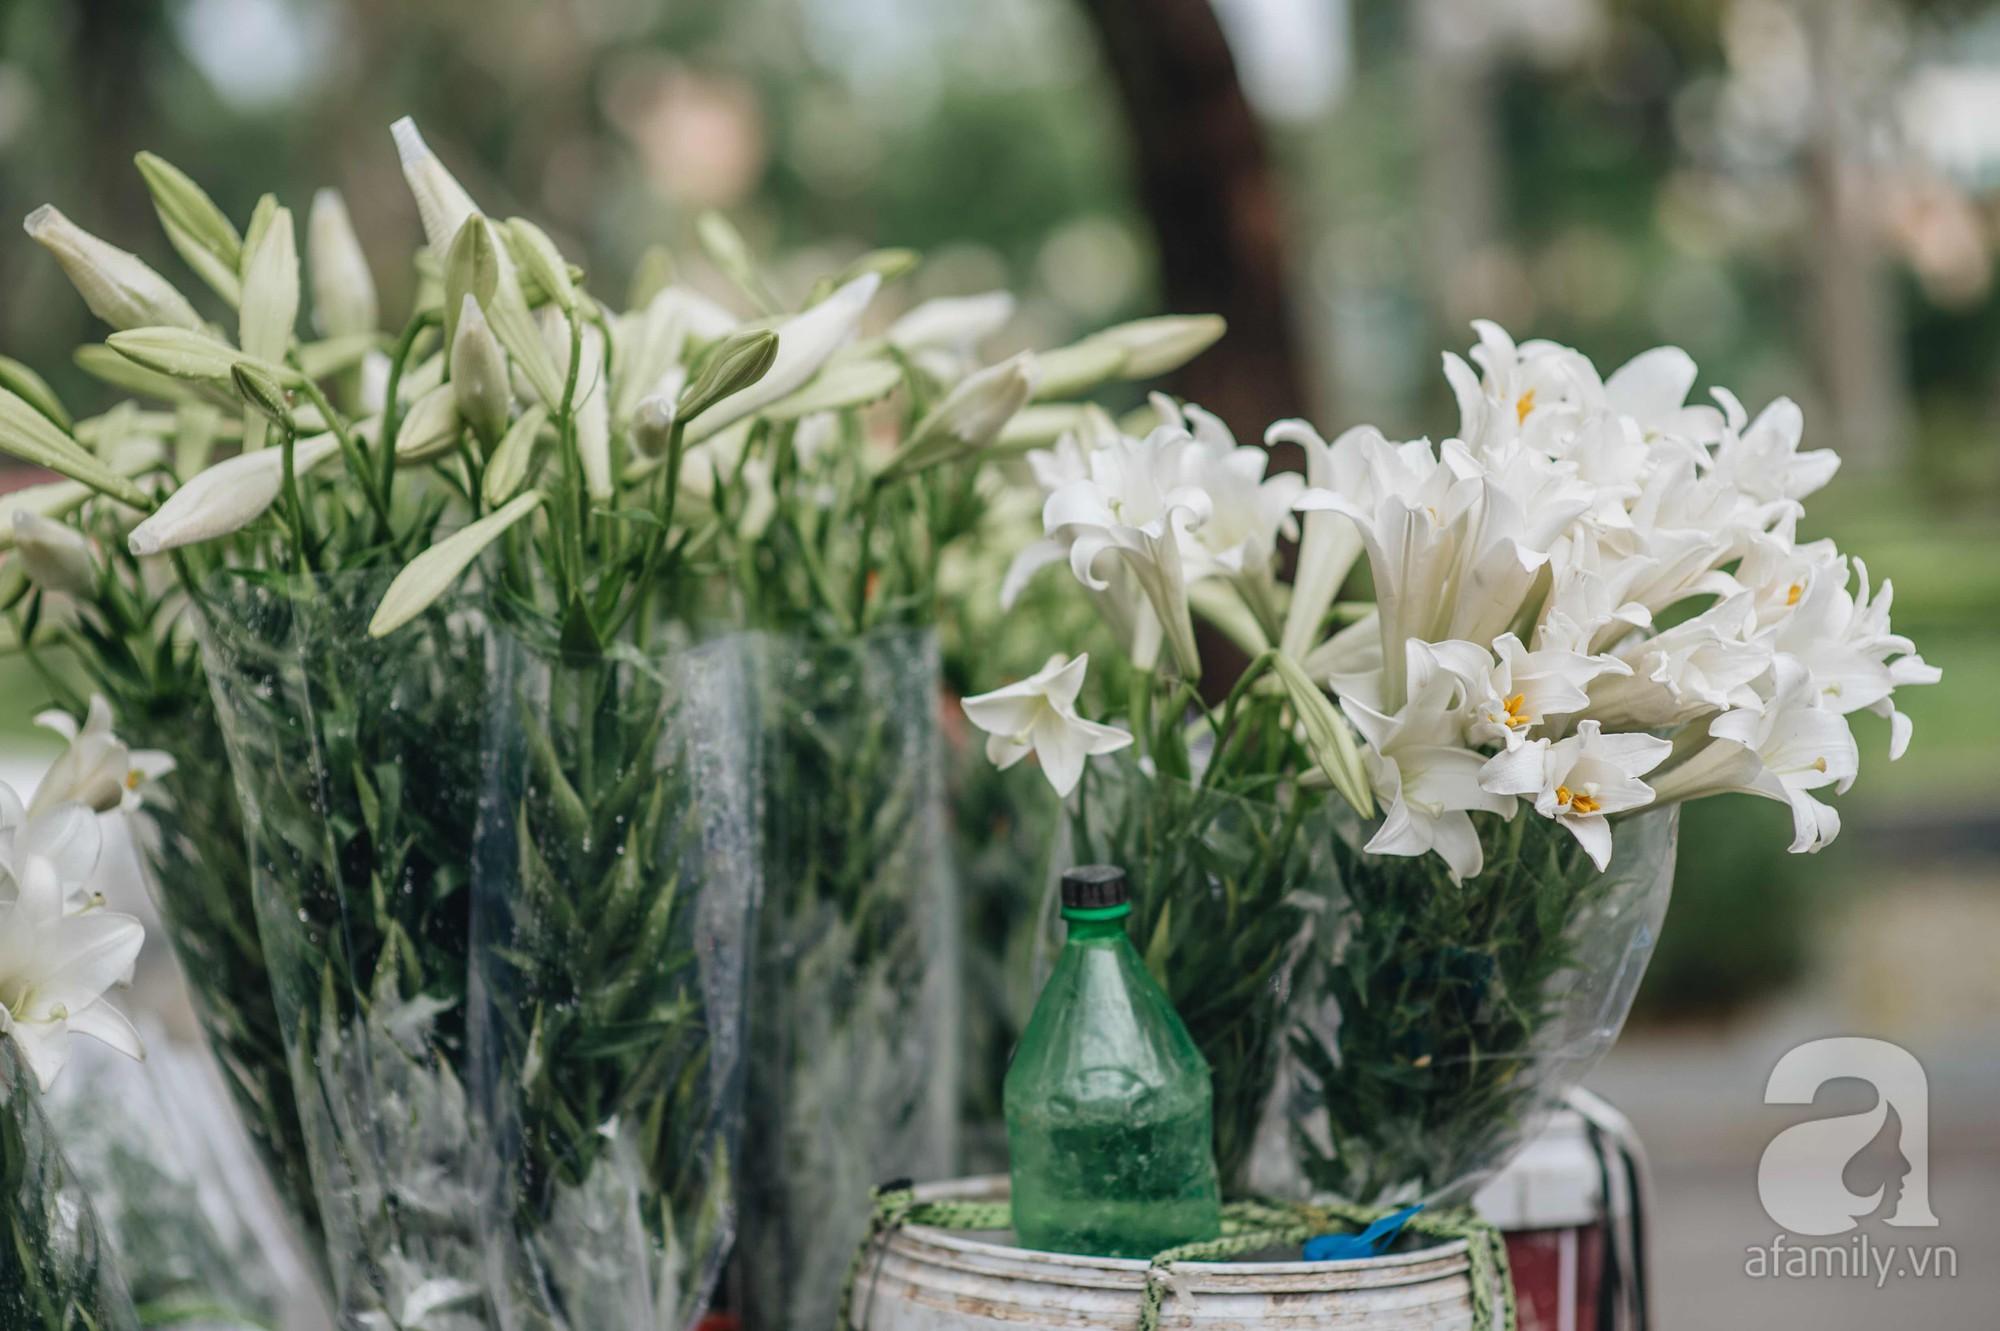 Tháng 4 về, Hà Nội lại dịu dàng những gánh loa kèn trắng tinh khôi, thơm nồng nàn khắp các góc phố-5